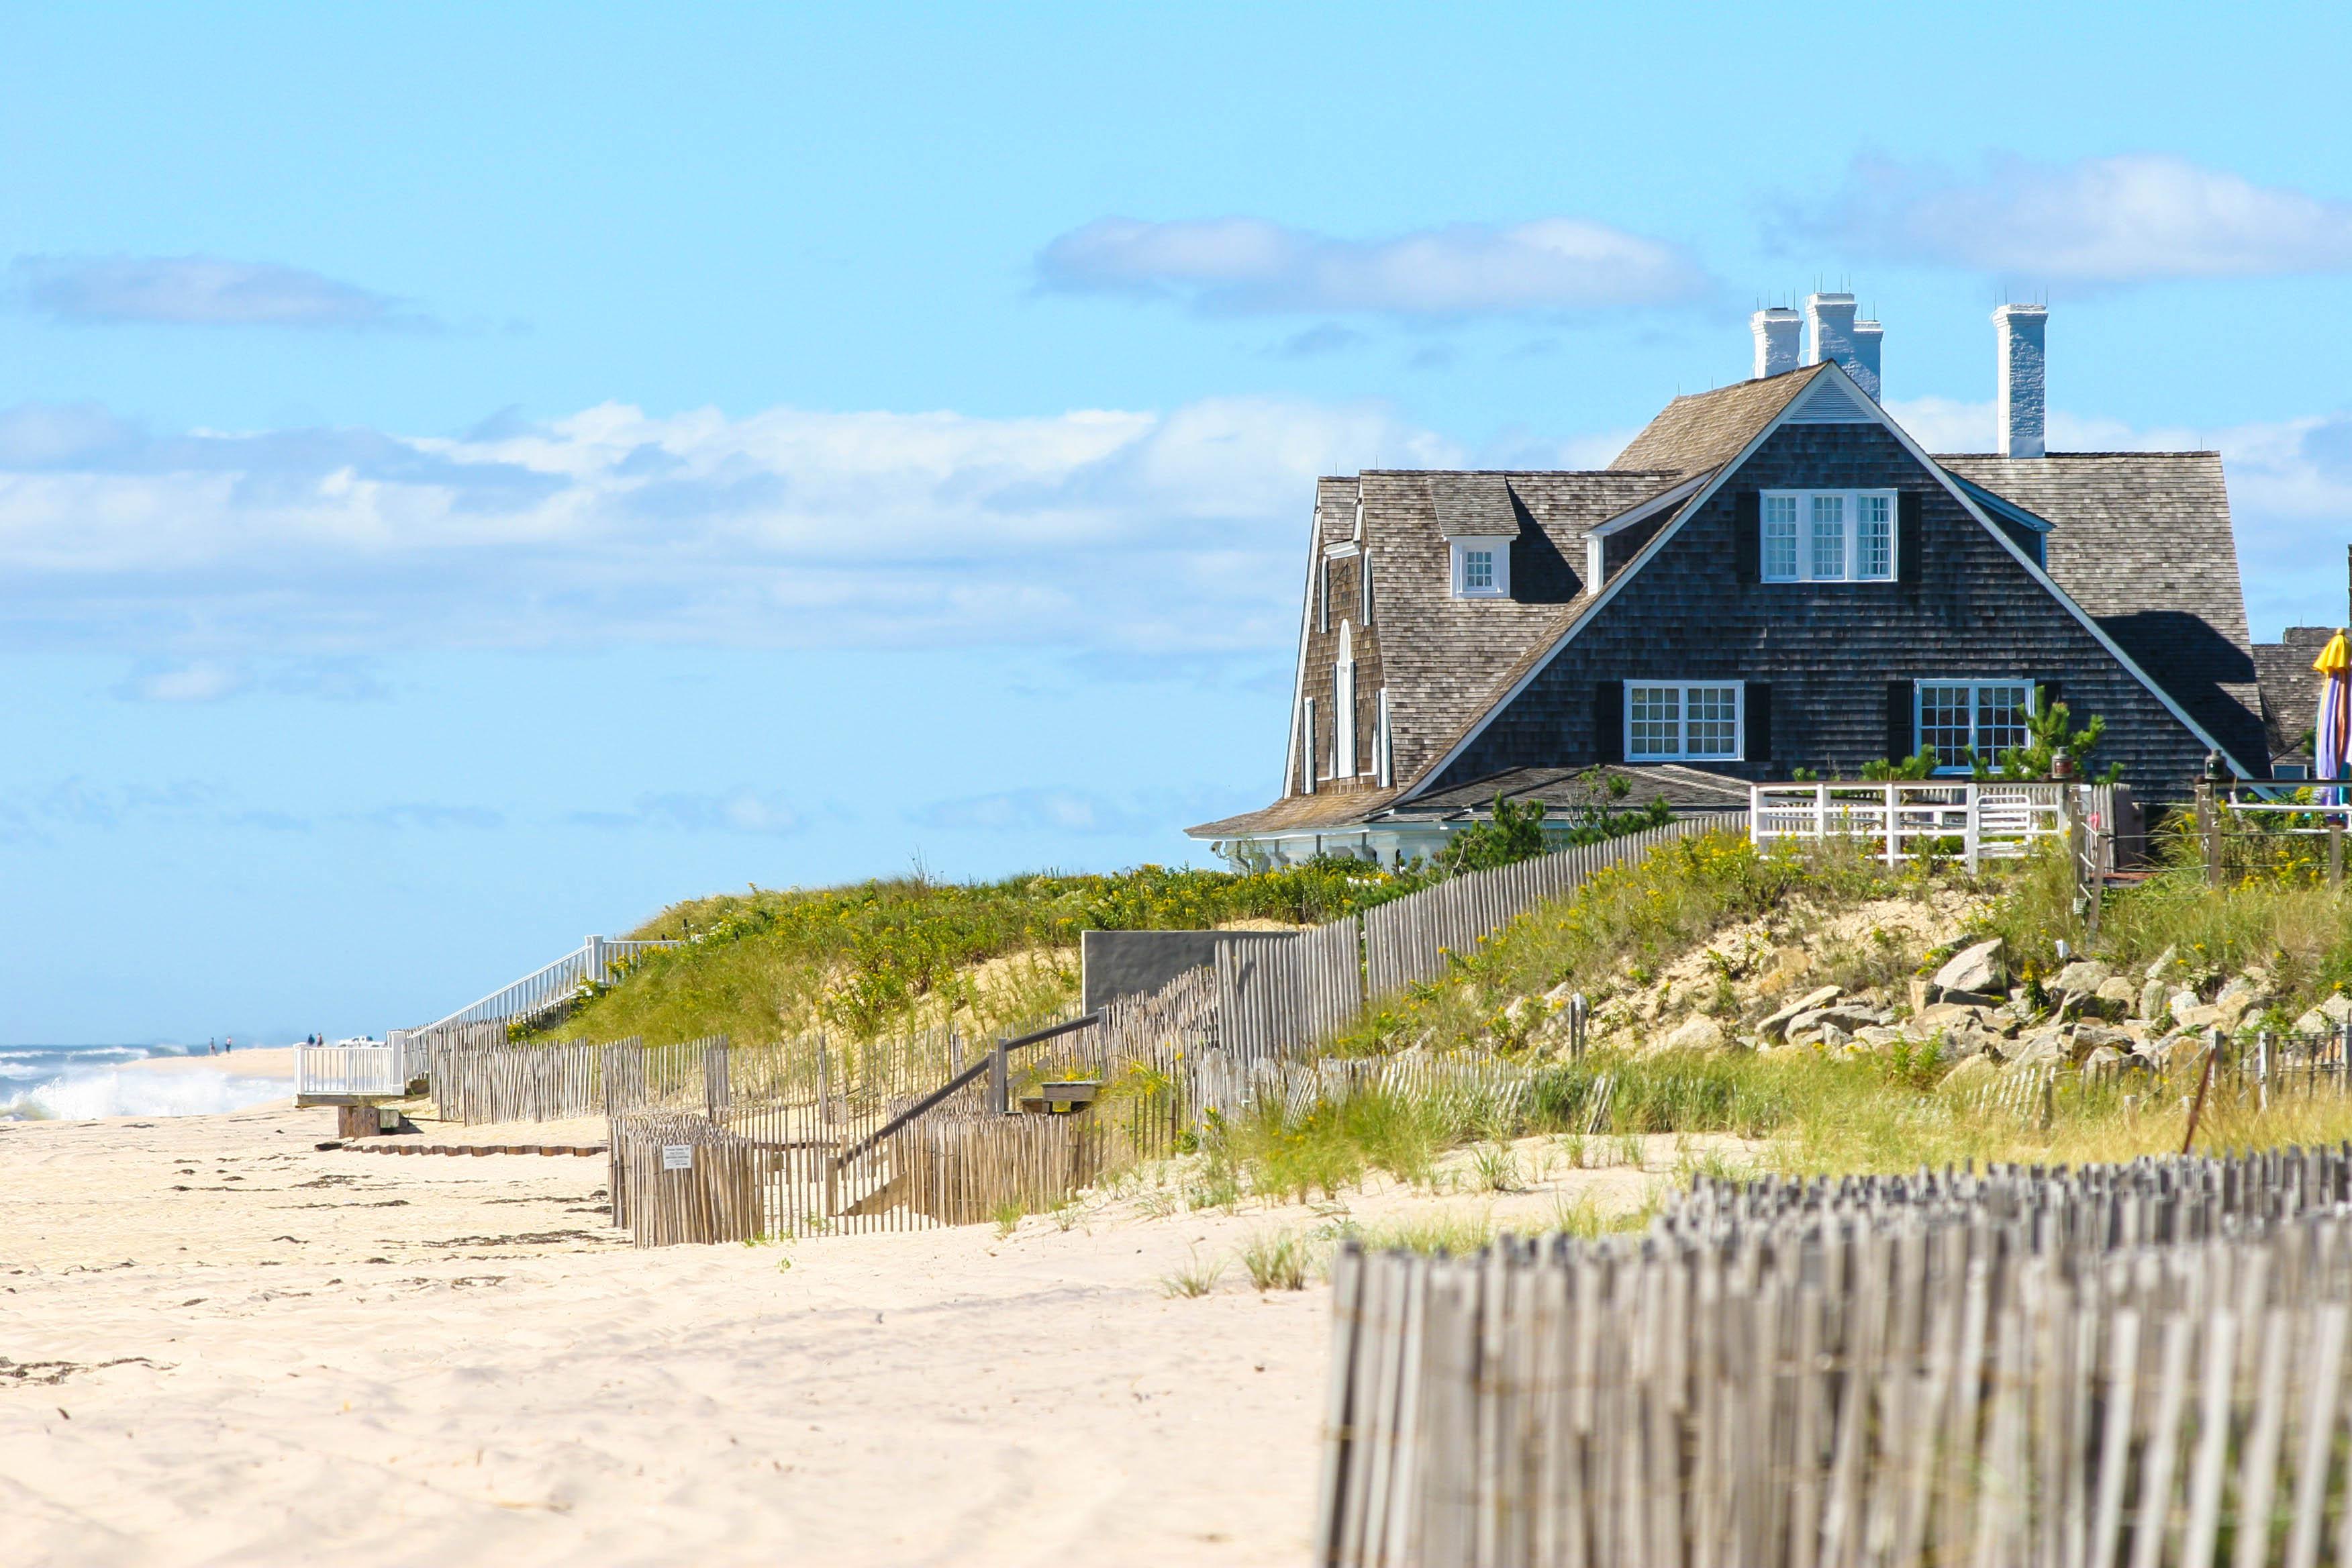 hamptons-beach-house-shutterstock_680665-2.jpg